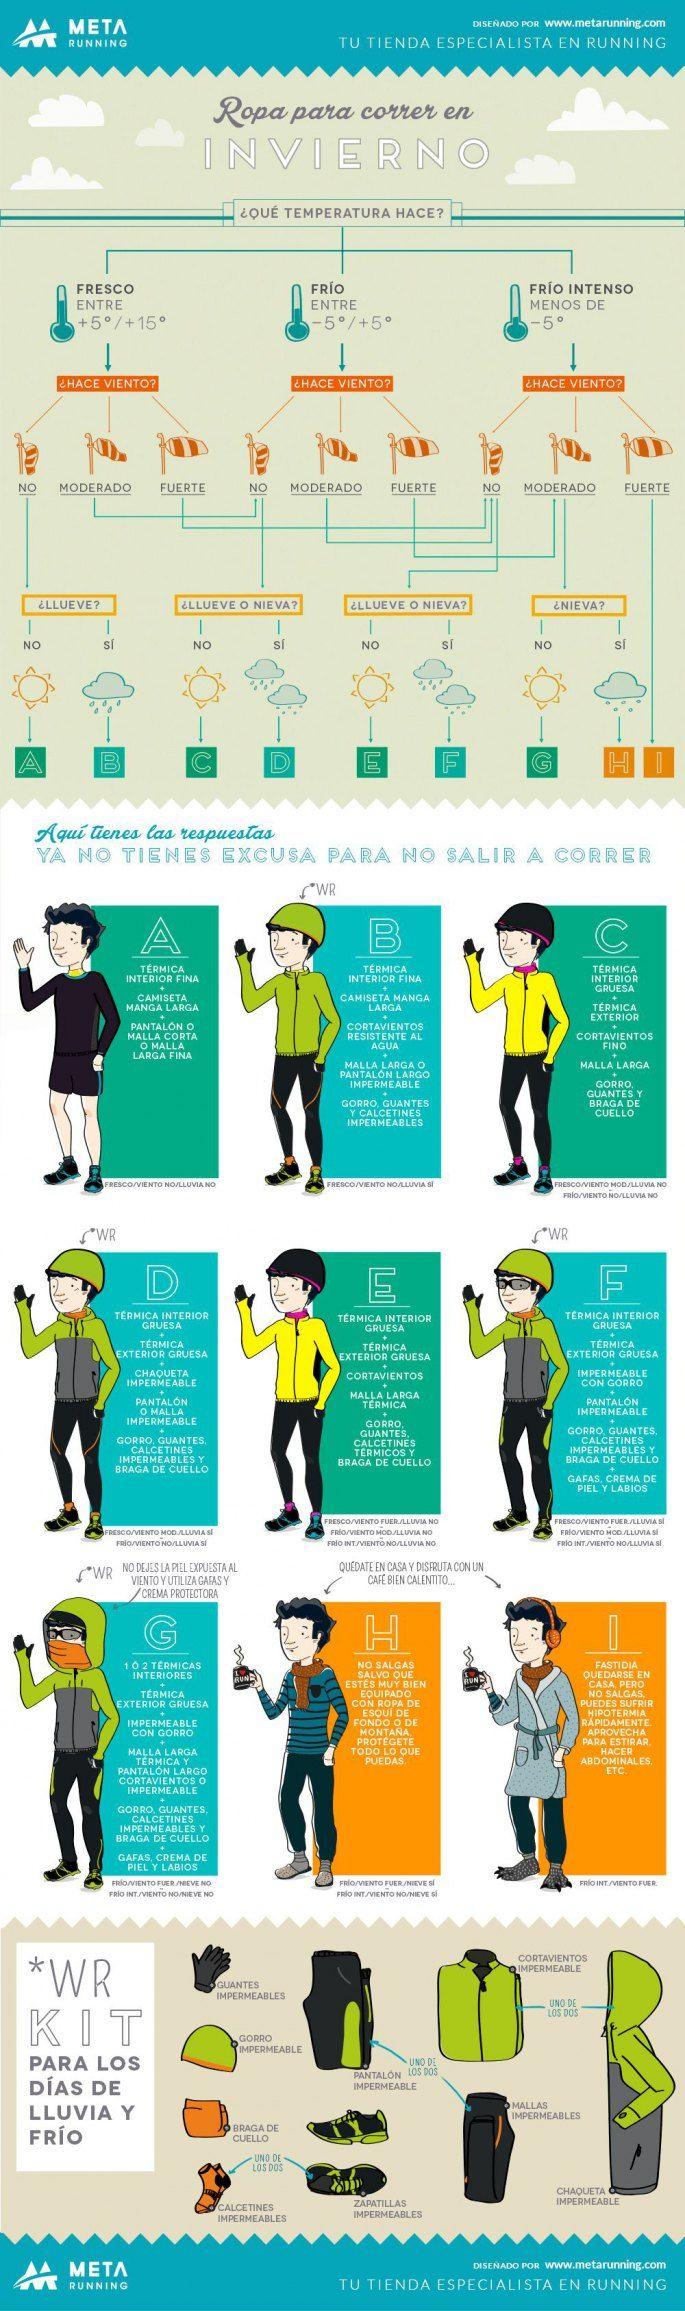 Aprende a elegir tu ropa de correr en invierno | Material | Runners.es